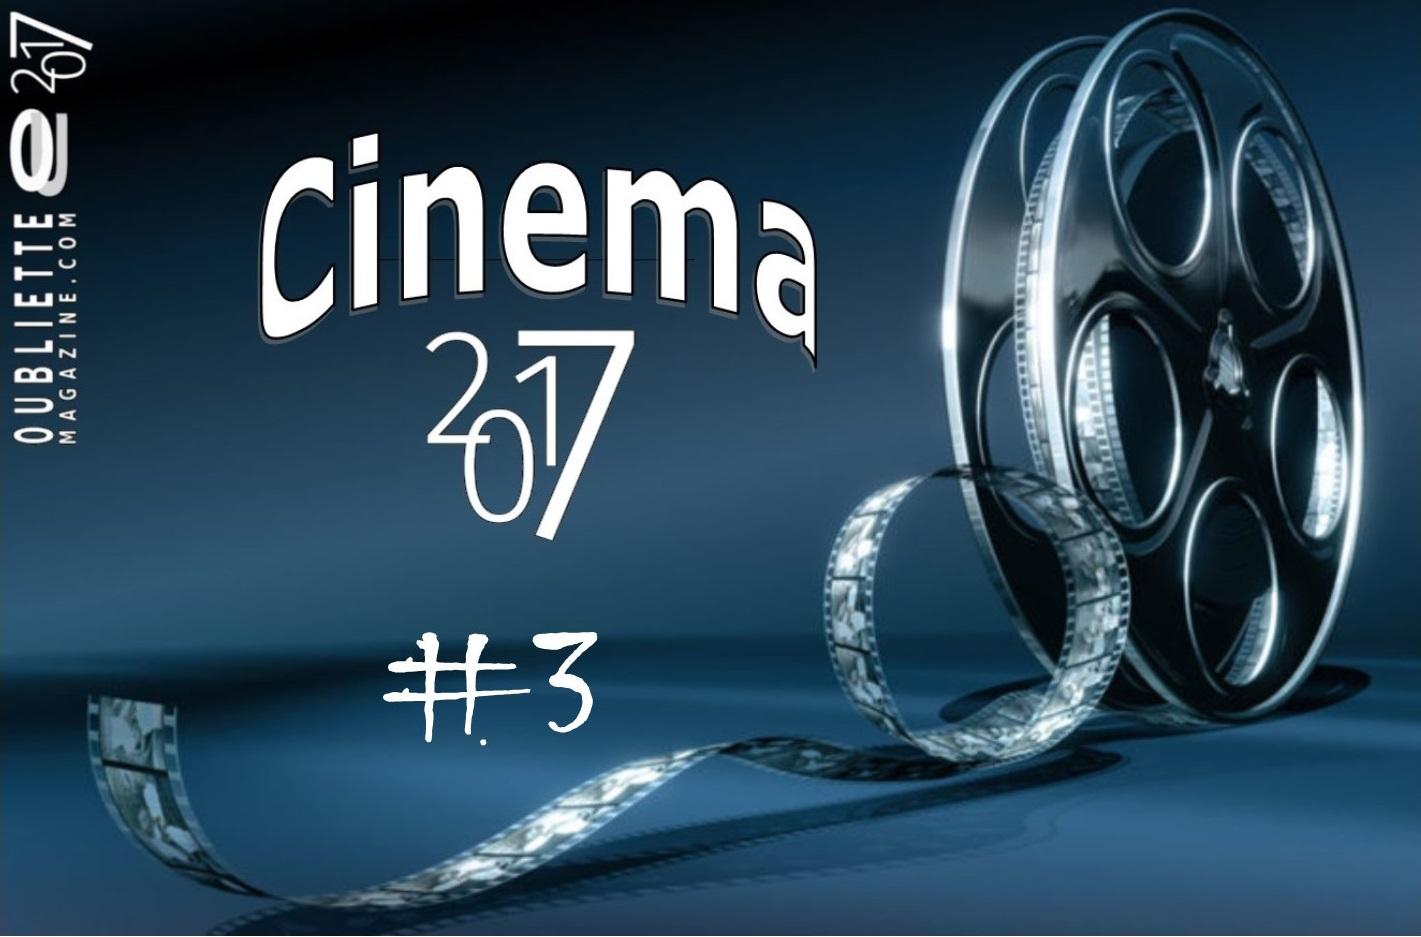 Cinema 2017: da Ermanno Olmi a Kenneth Branagh, ecco tutte le novità sui film in uscita nelle sale italiane #3